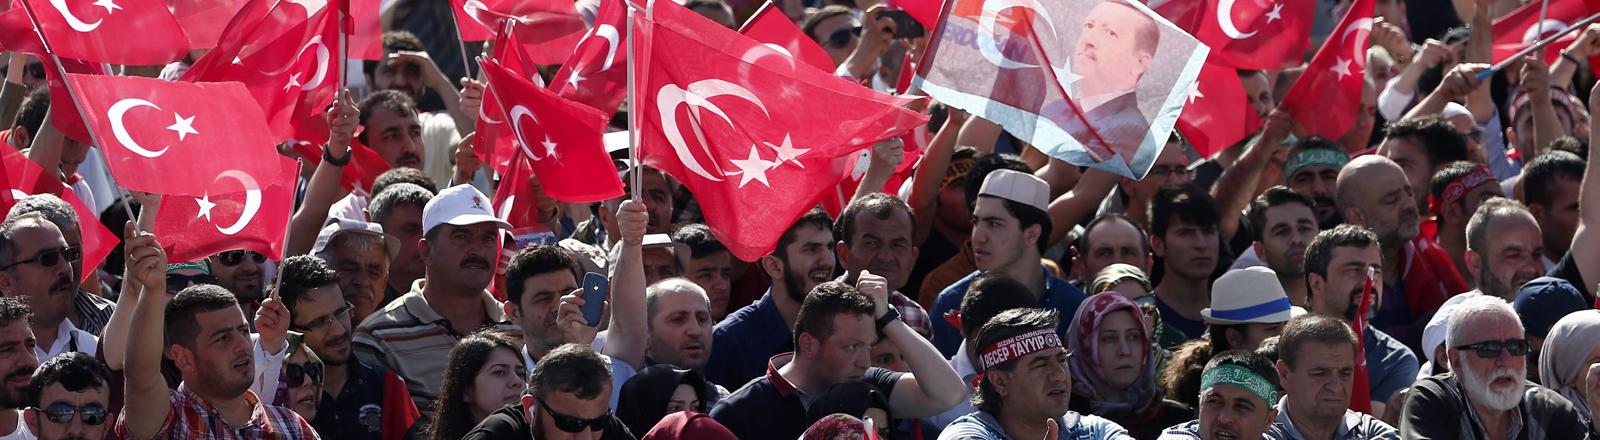 Menschen mit türkischen Flaggen